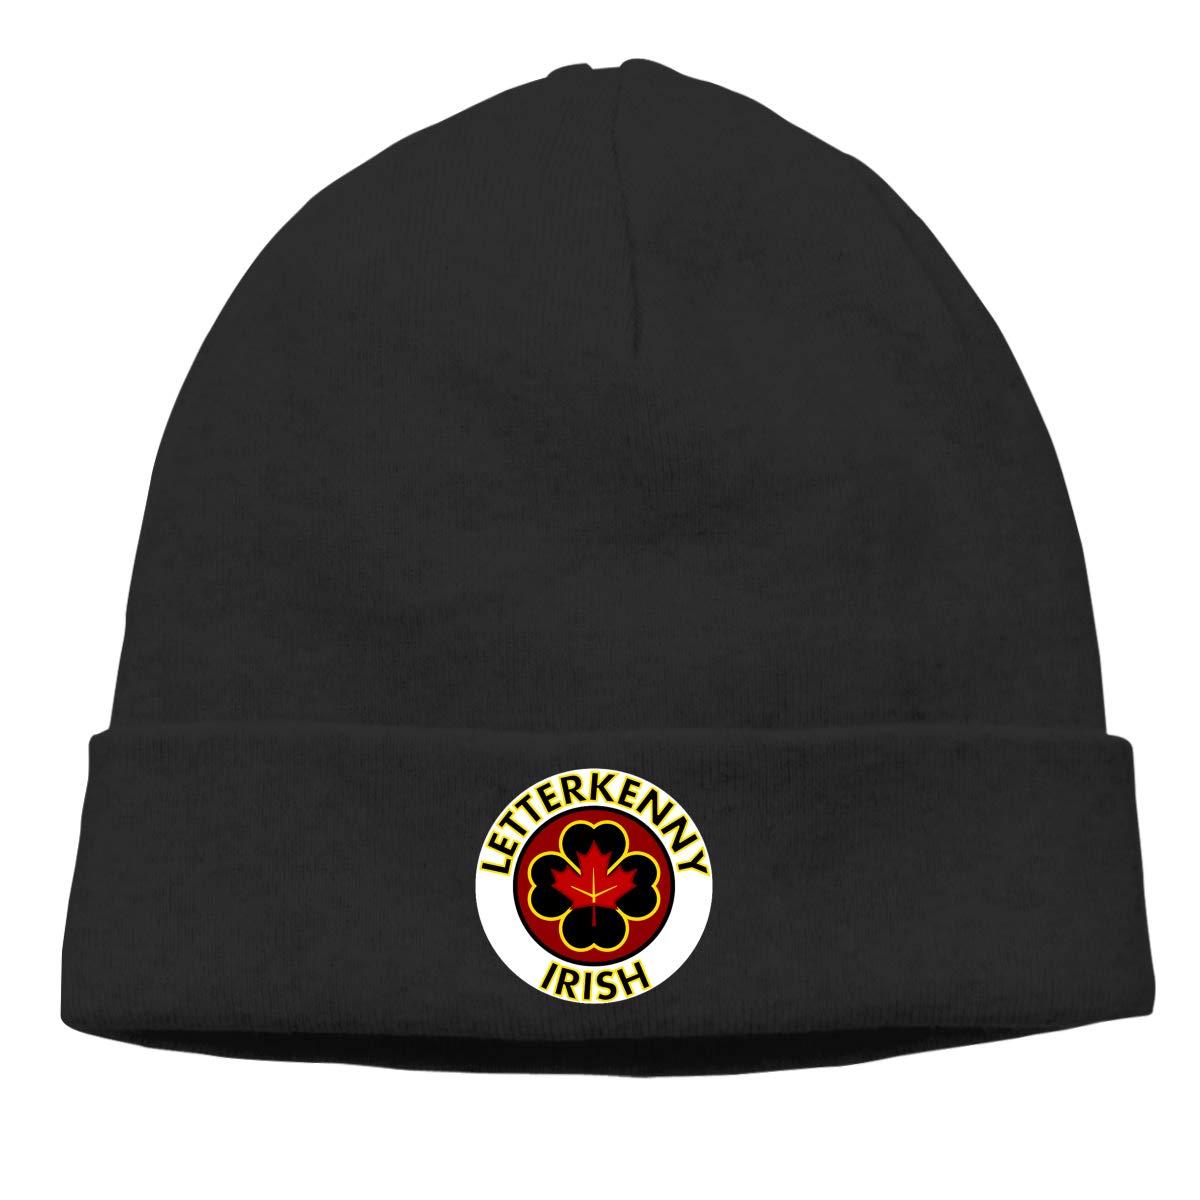 Sootot Letterkenny Irish Beanie Hats Cap Men /& Women Warm Skull Cap Winter Beanie